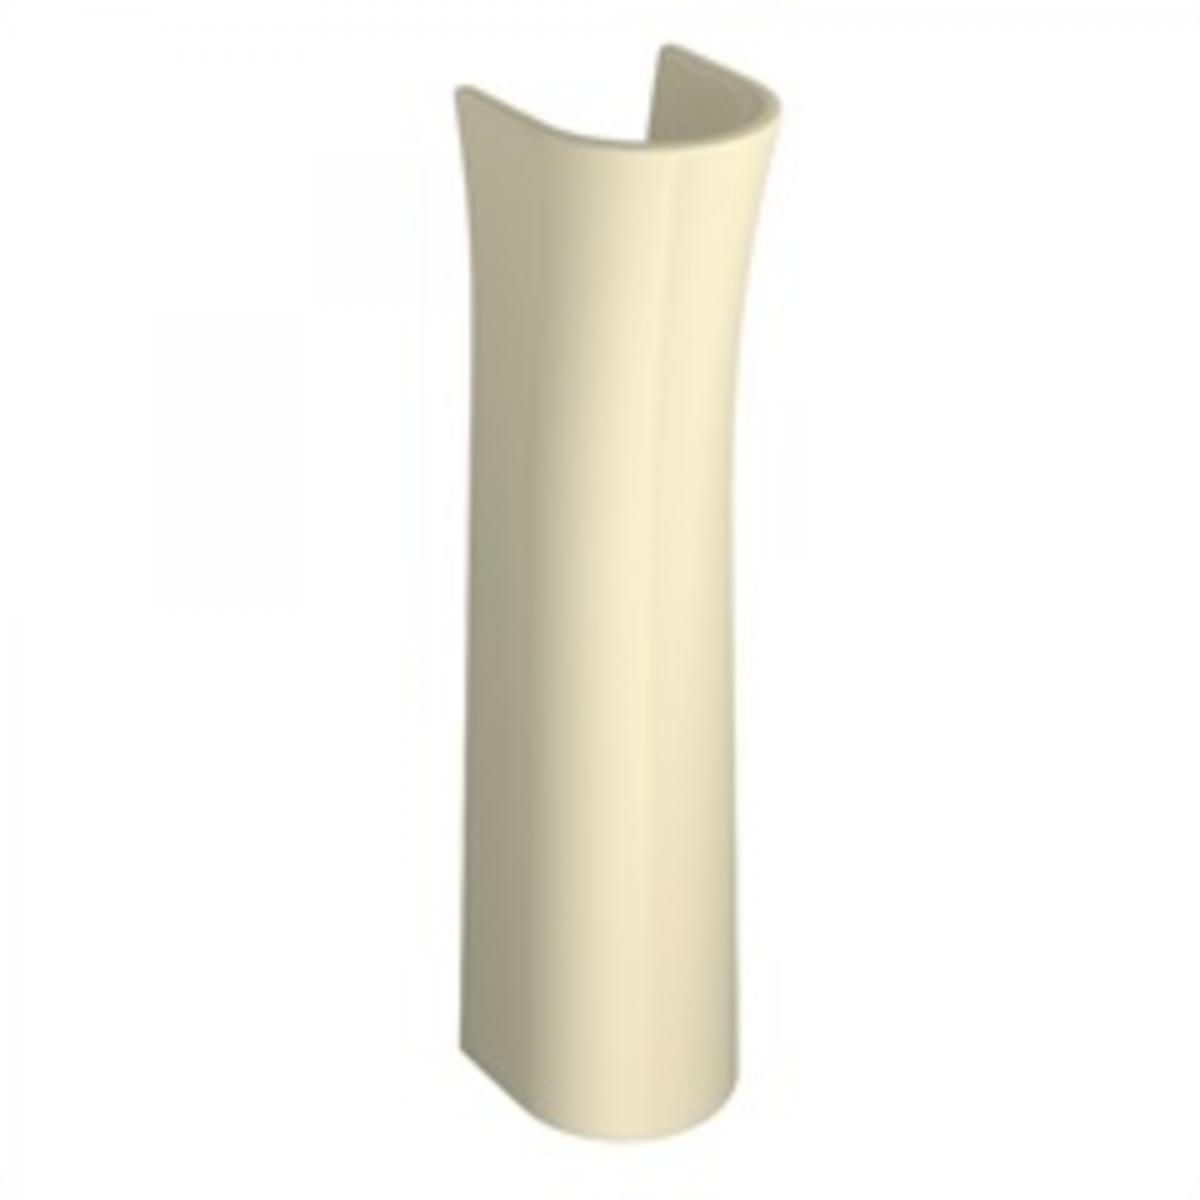 Coluna Convencional Aspen/Izy/Targa Deca Creme Ref. C.10.37